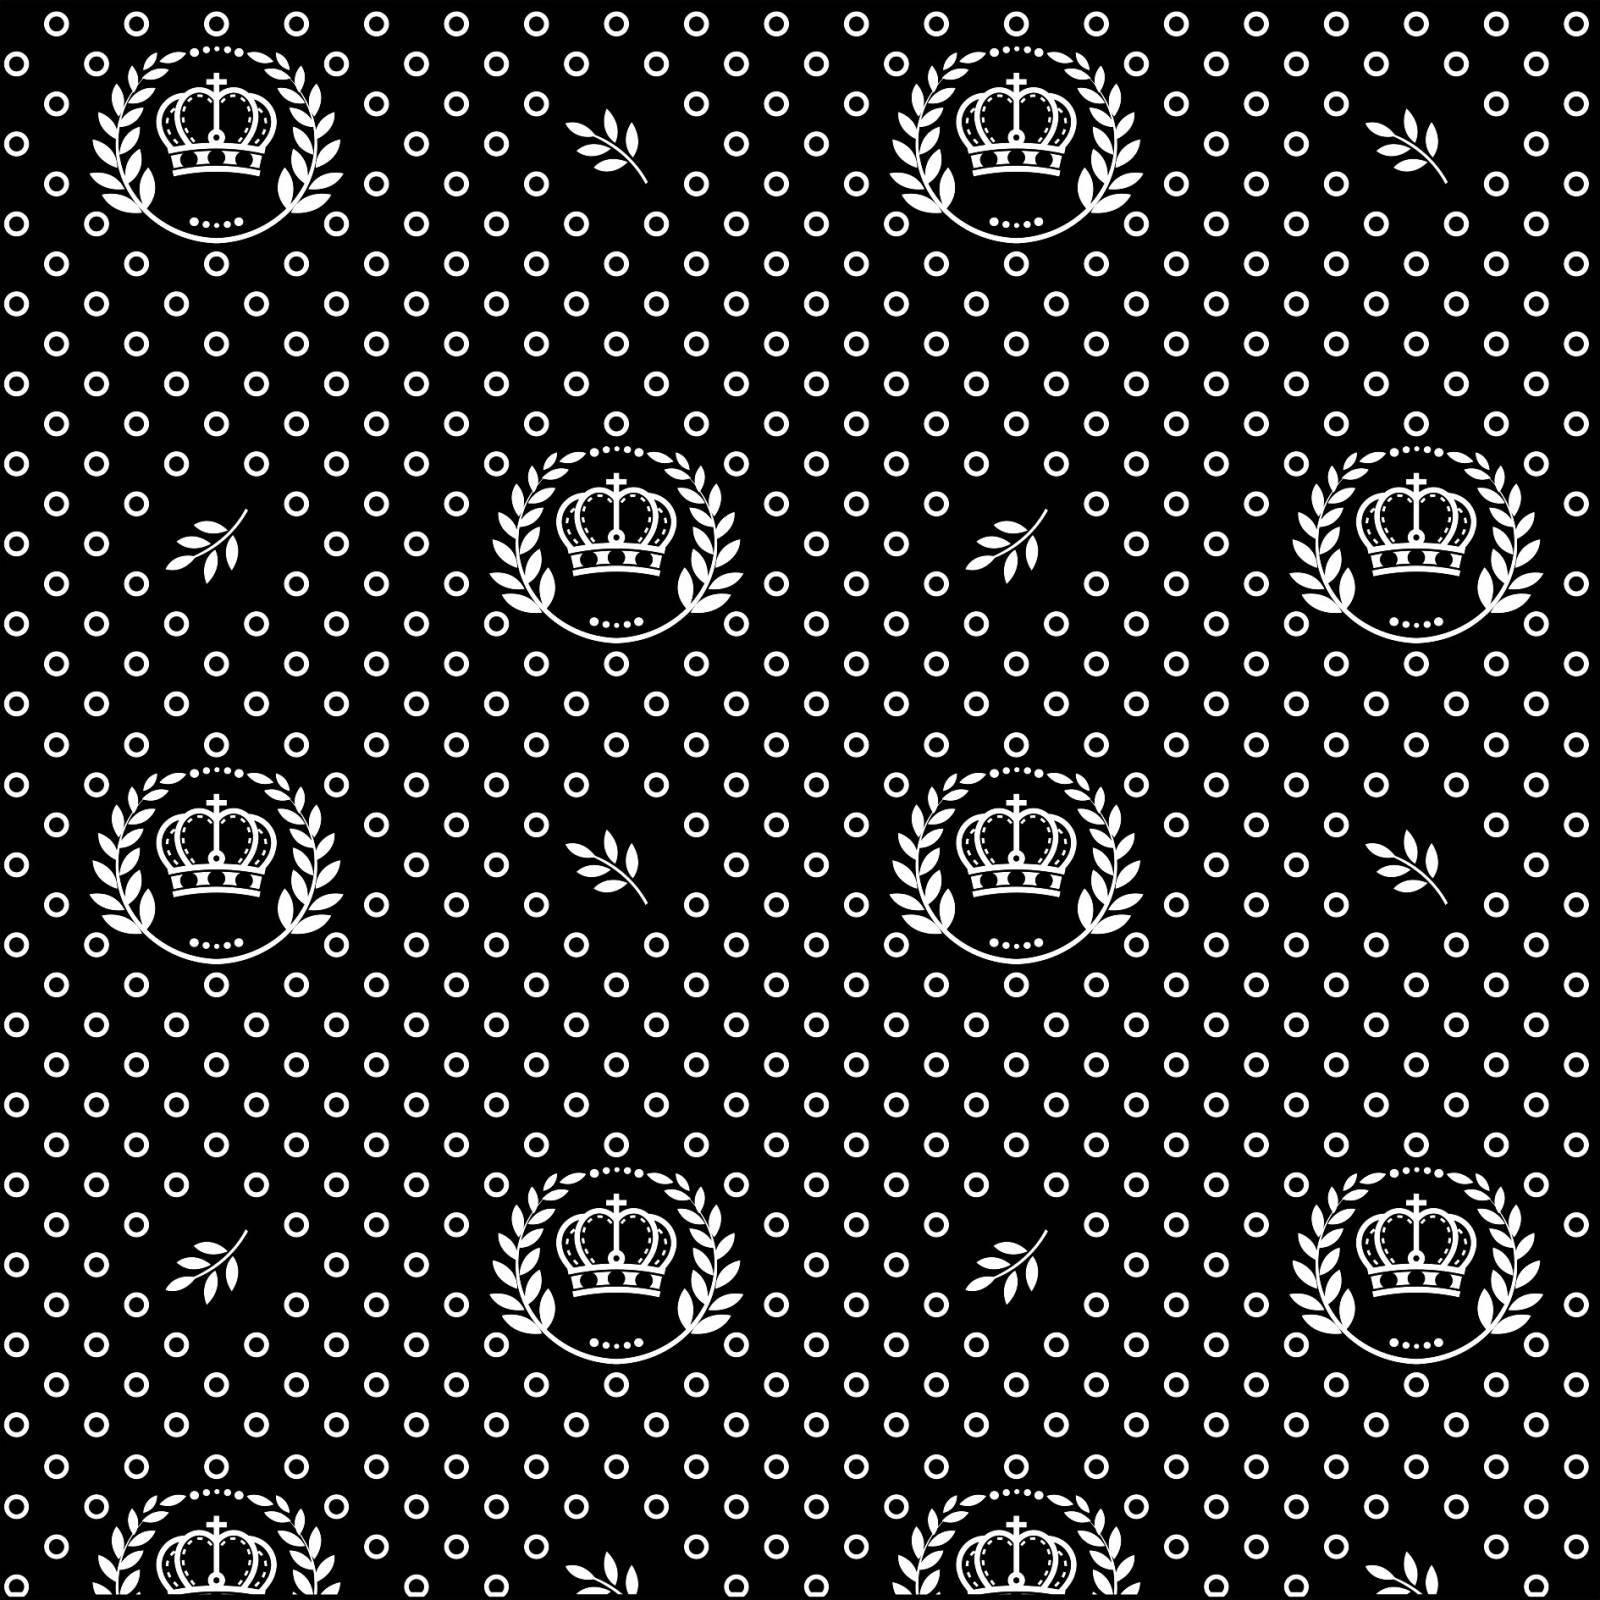 Coroas fundo preto Ref.1169 cor 104 Peripan - Armarinhos Nodari